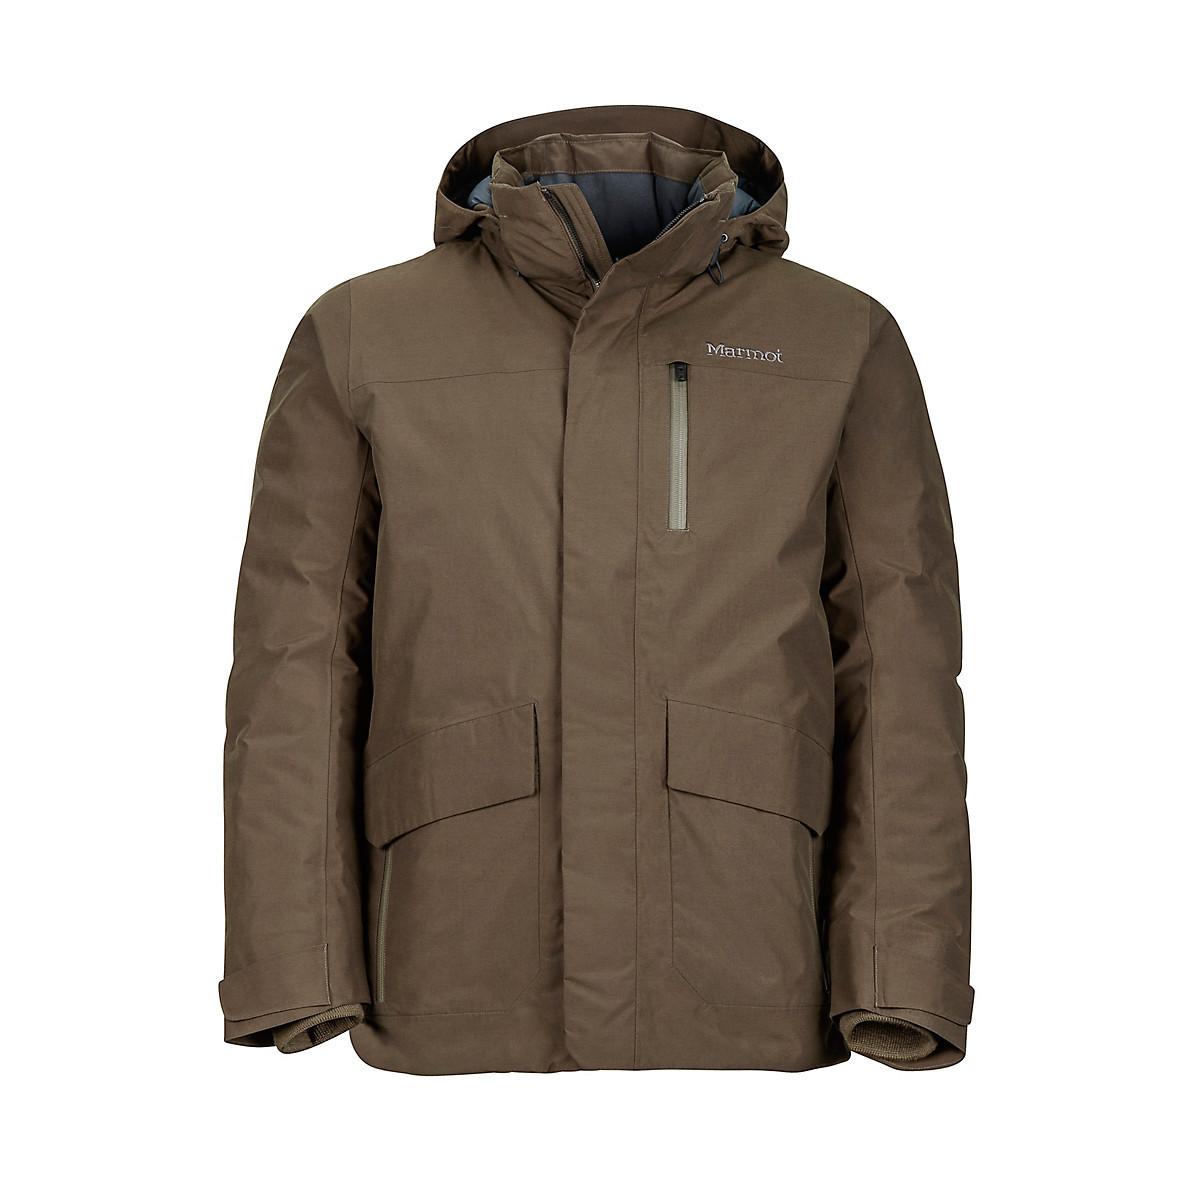 Marmot Men's Yorktown Featherless Jacket - Green, L